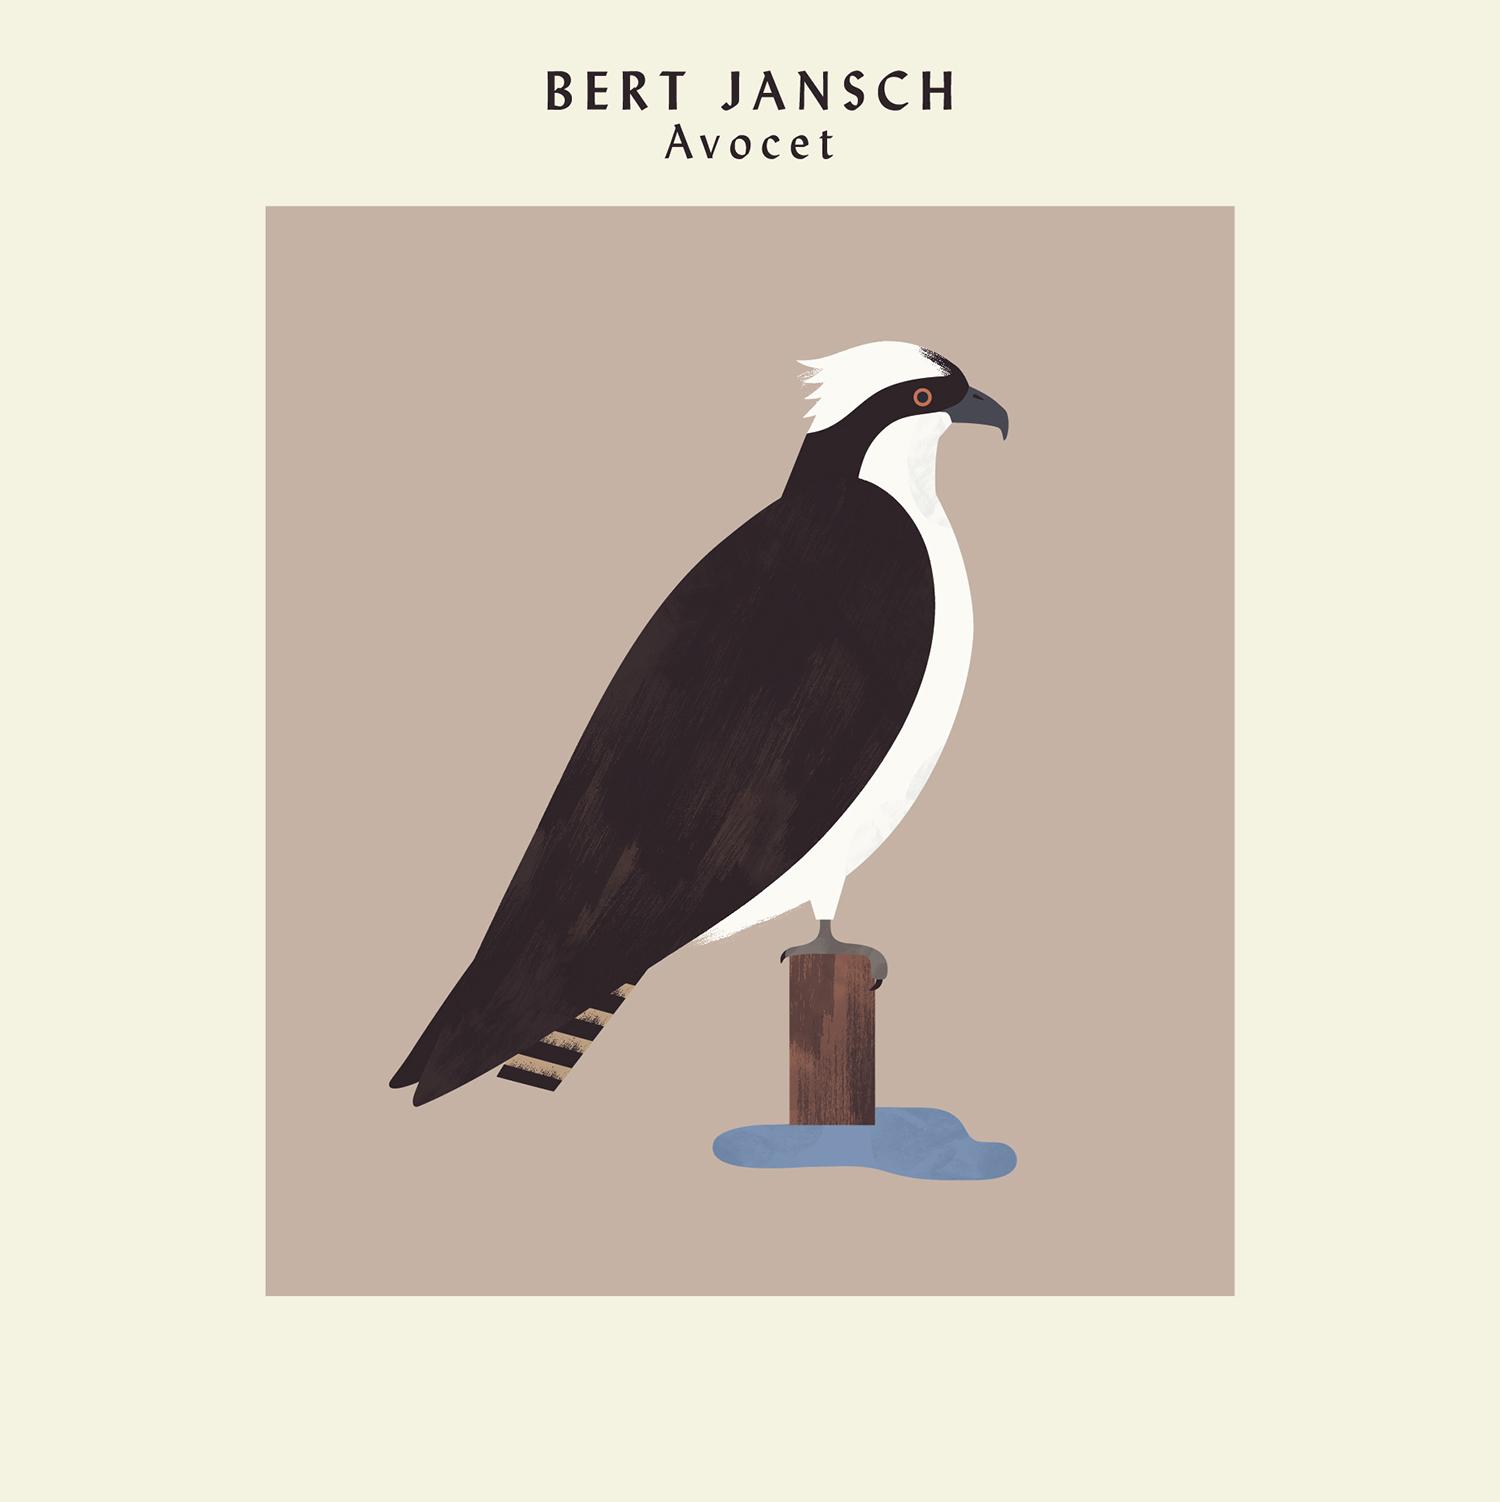 hannah-alice-bert-jansch-osprey-record-bird-illustration-1.jpg